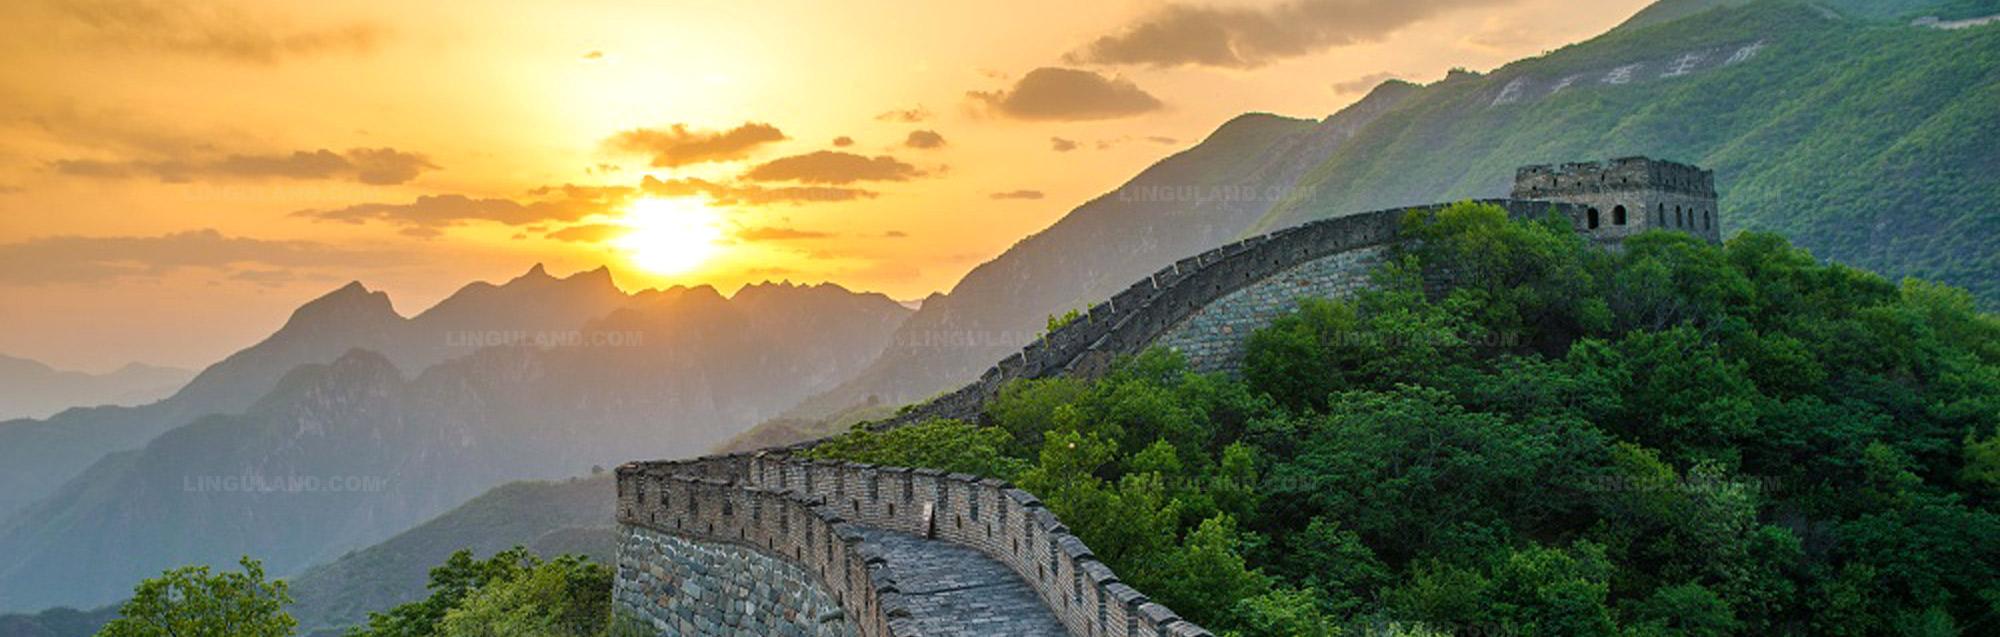 Séjours linguistiques Chine, cours d'chinois Chine